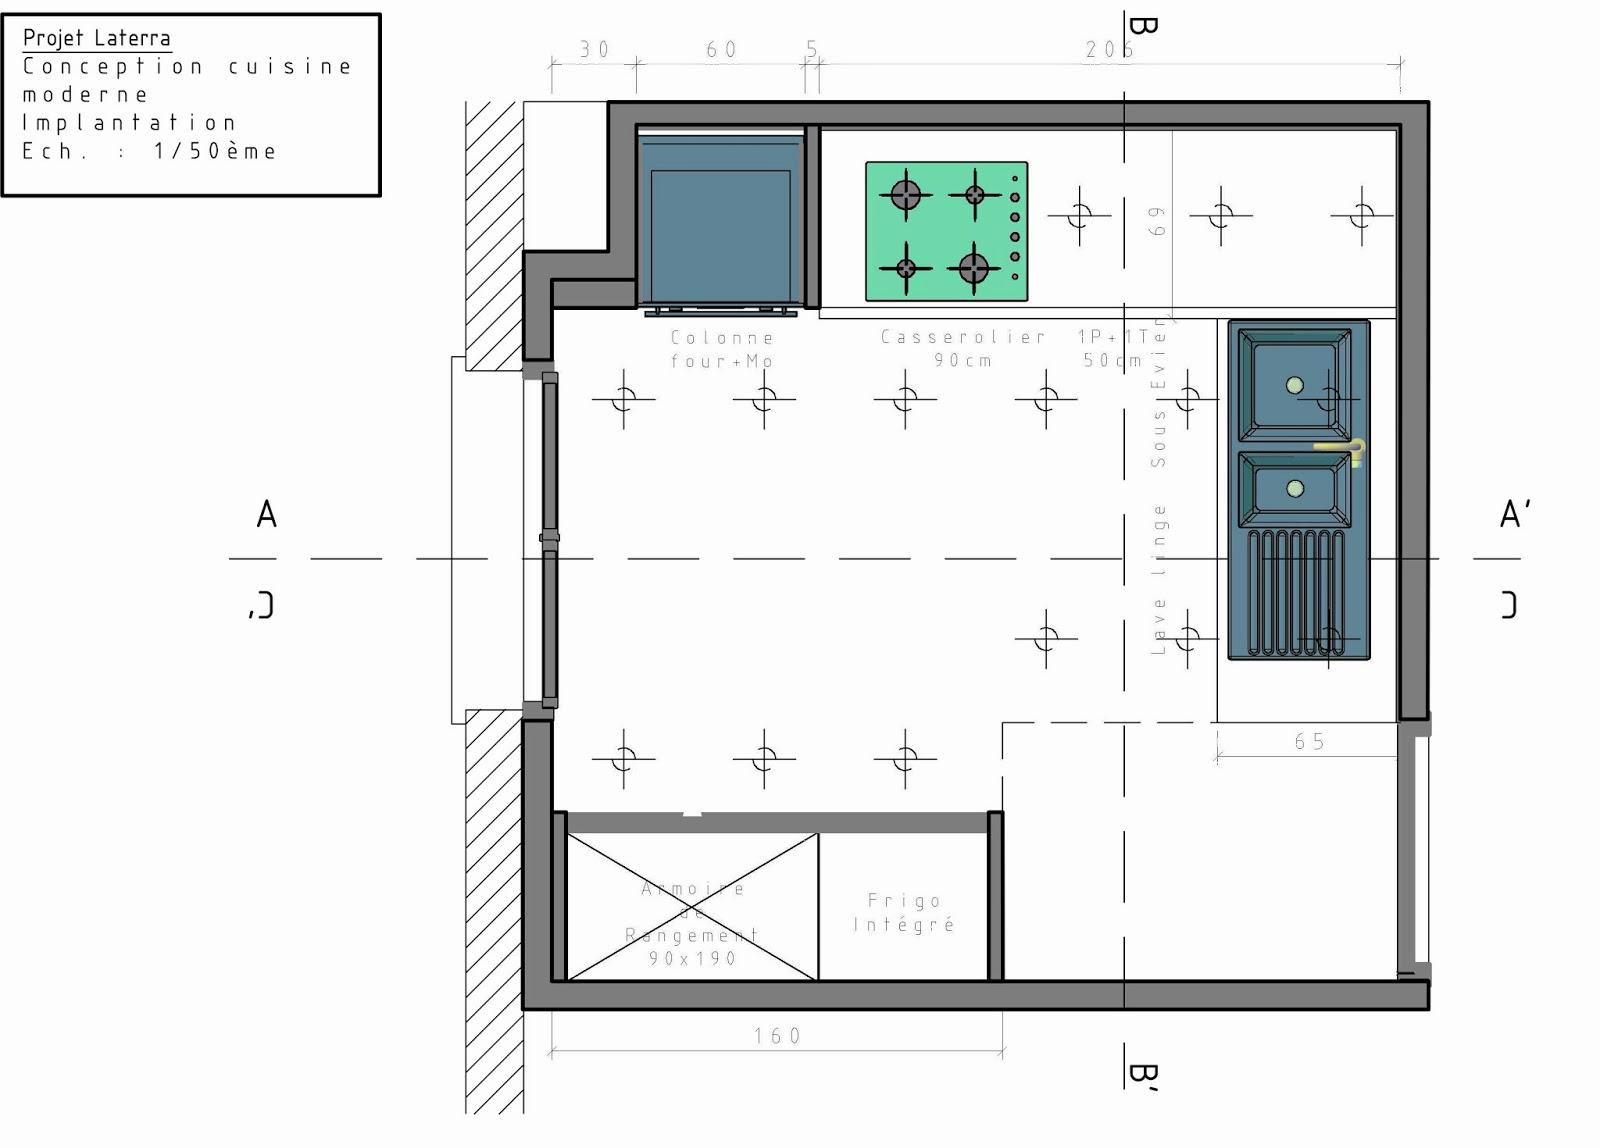 Etude et conception 3d cuisine for Cuisine 3d dwg